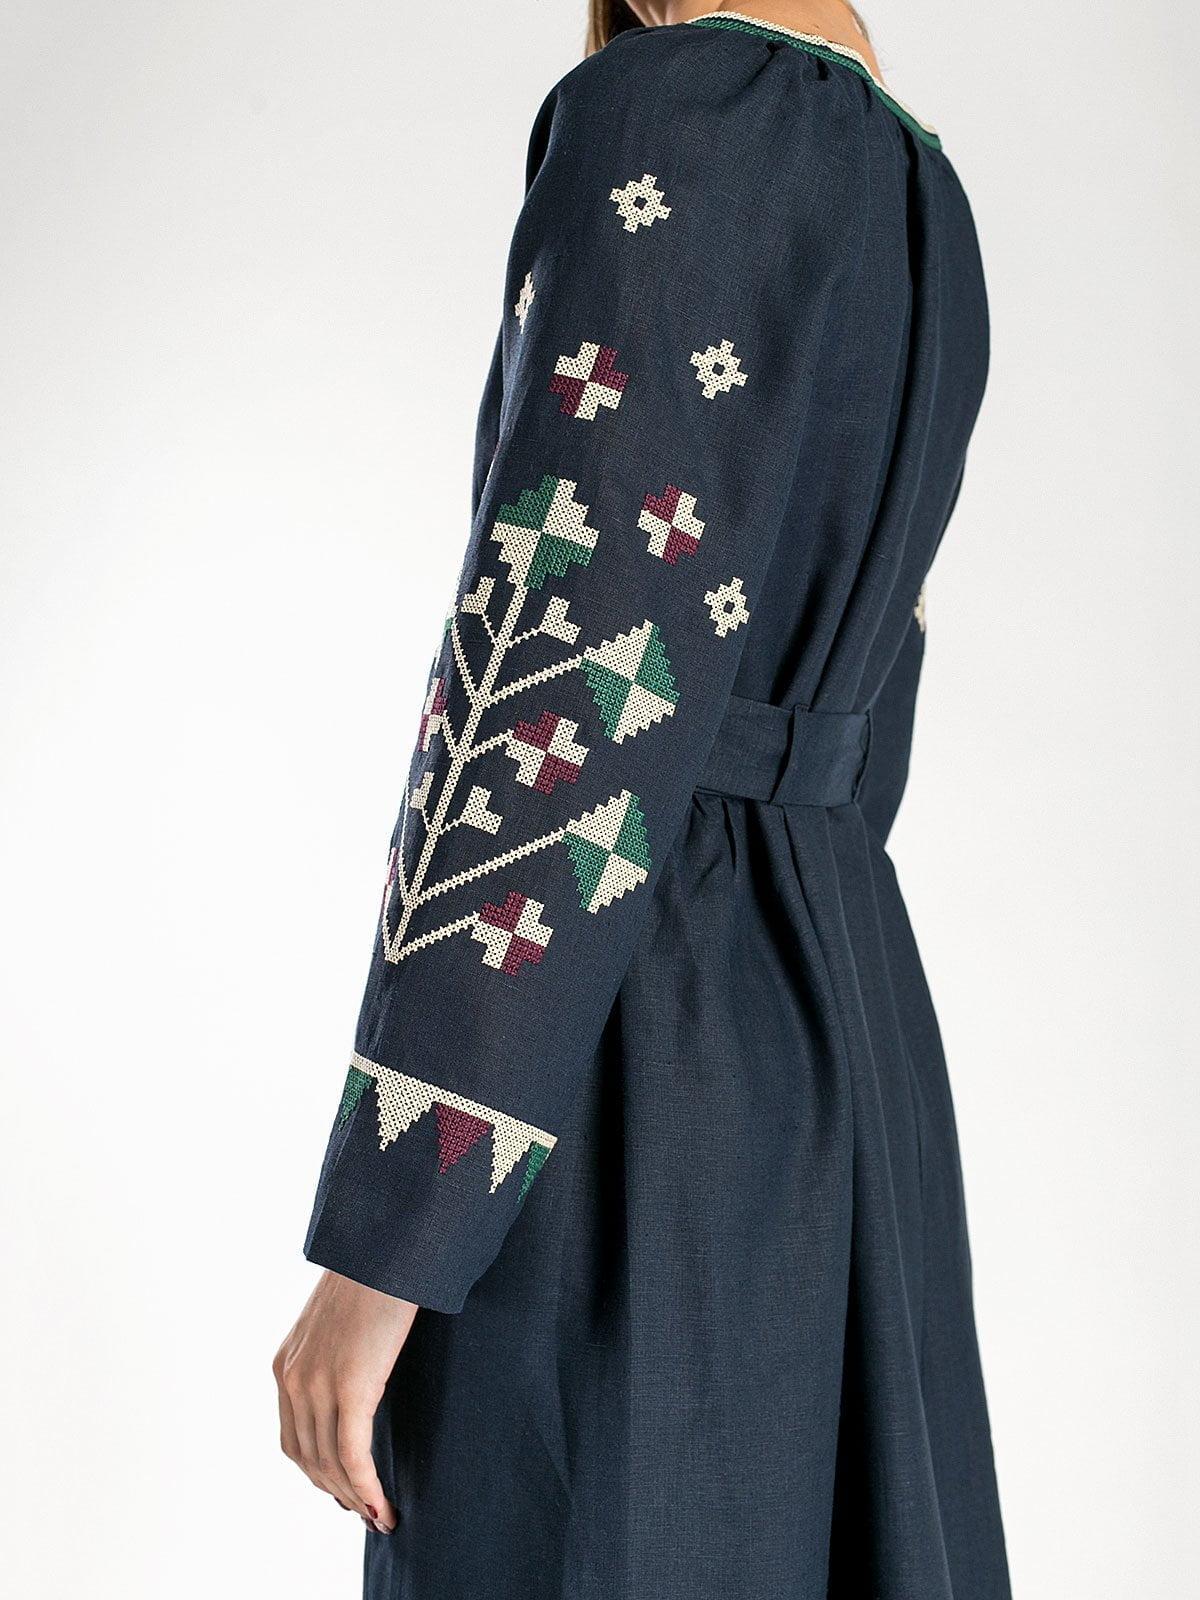 Темно-синя довга вишита сукня під пояс ETHNO4 – купити в Києві та ... 4edc575599c46